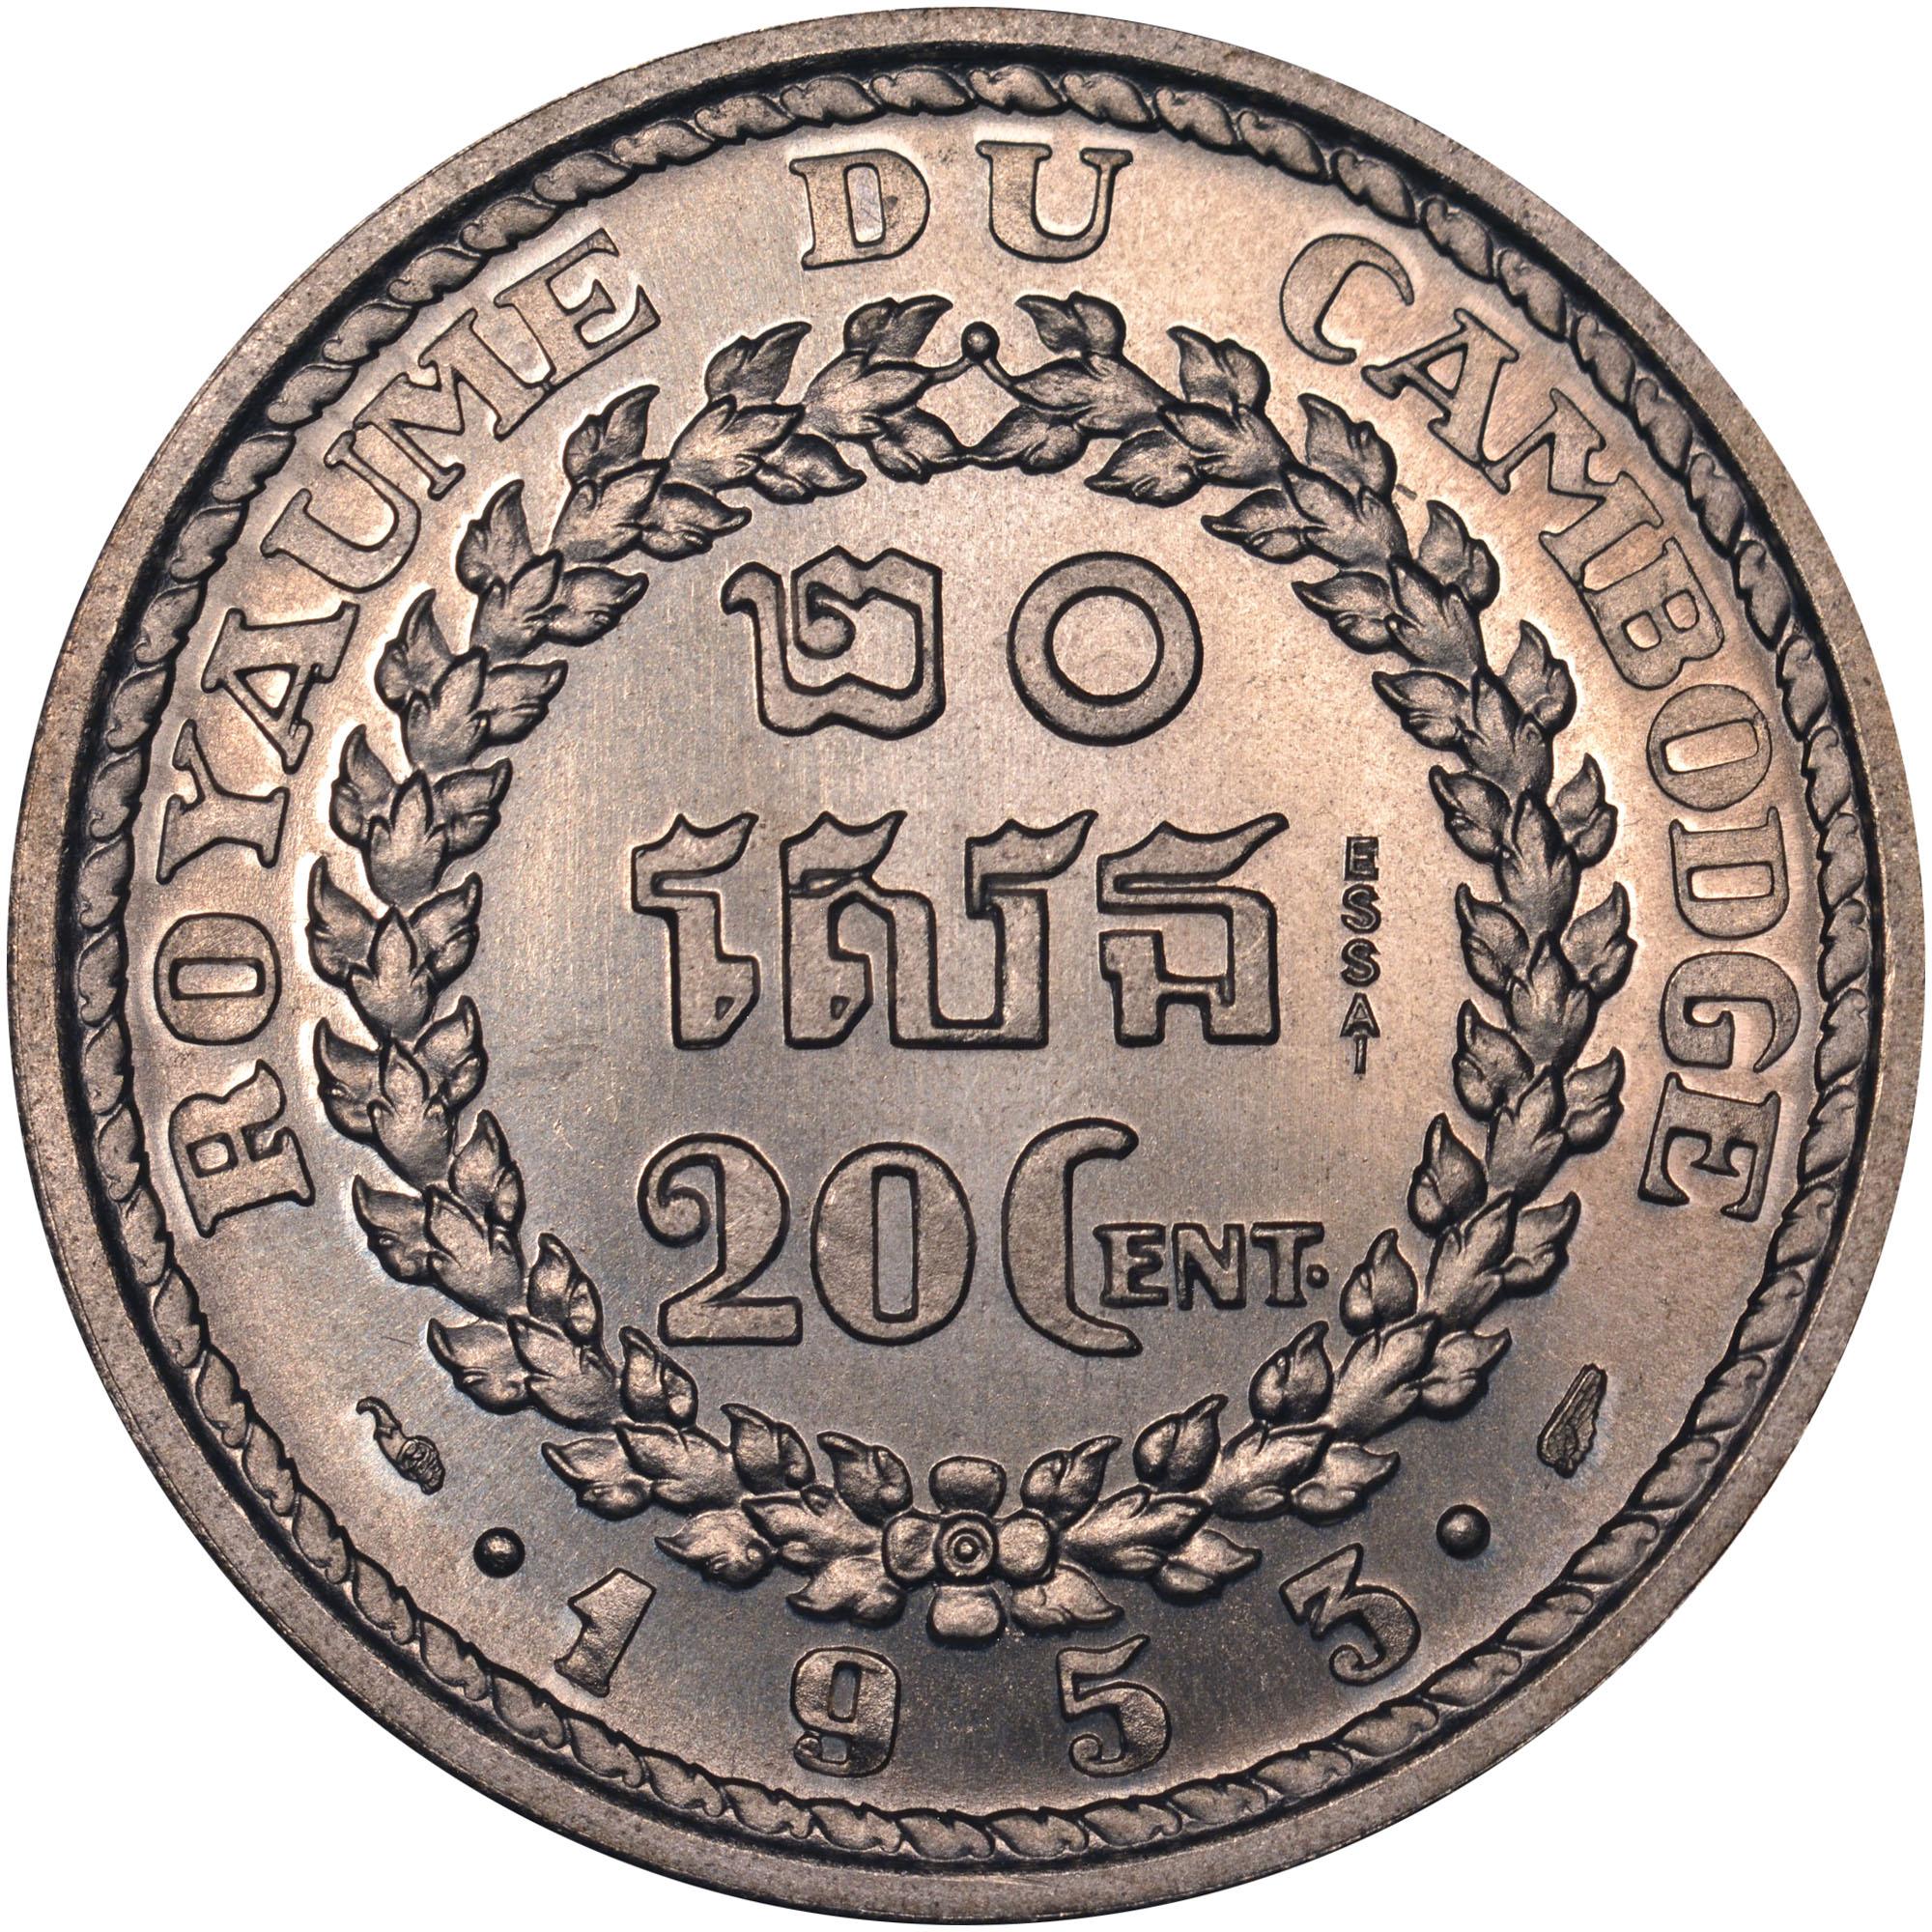 1953 Cambodia 20 Centimes reverse